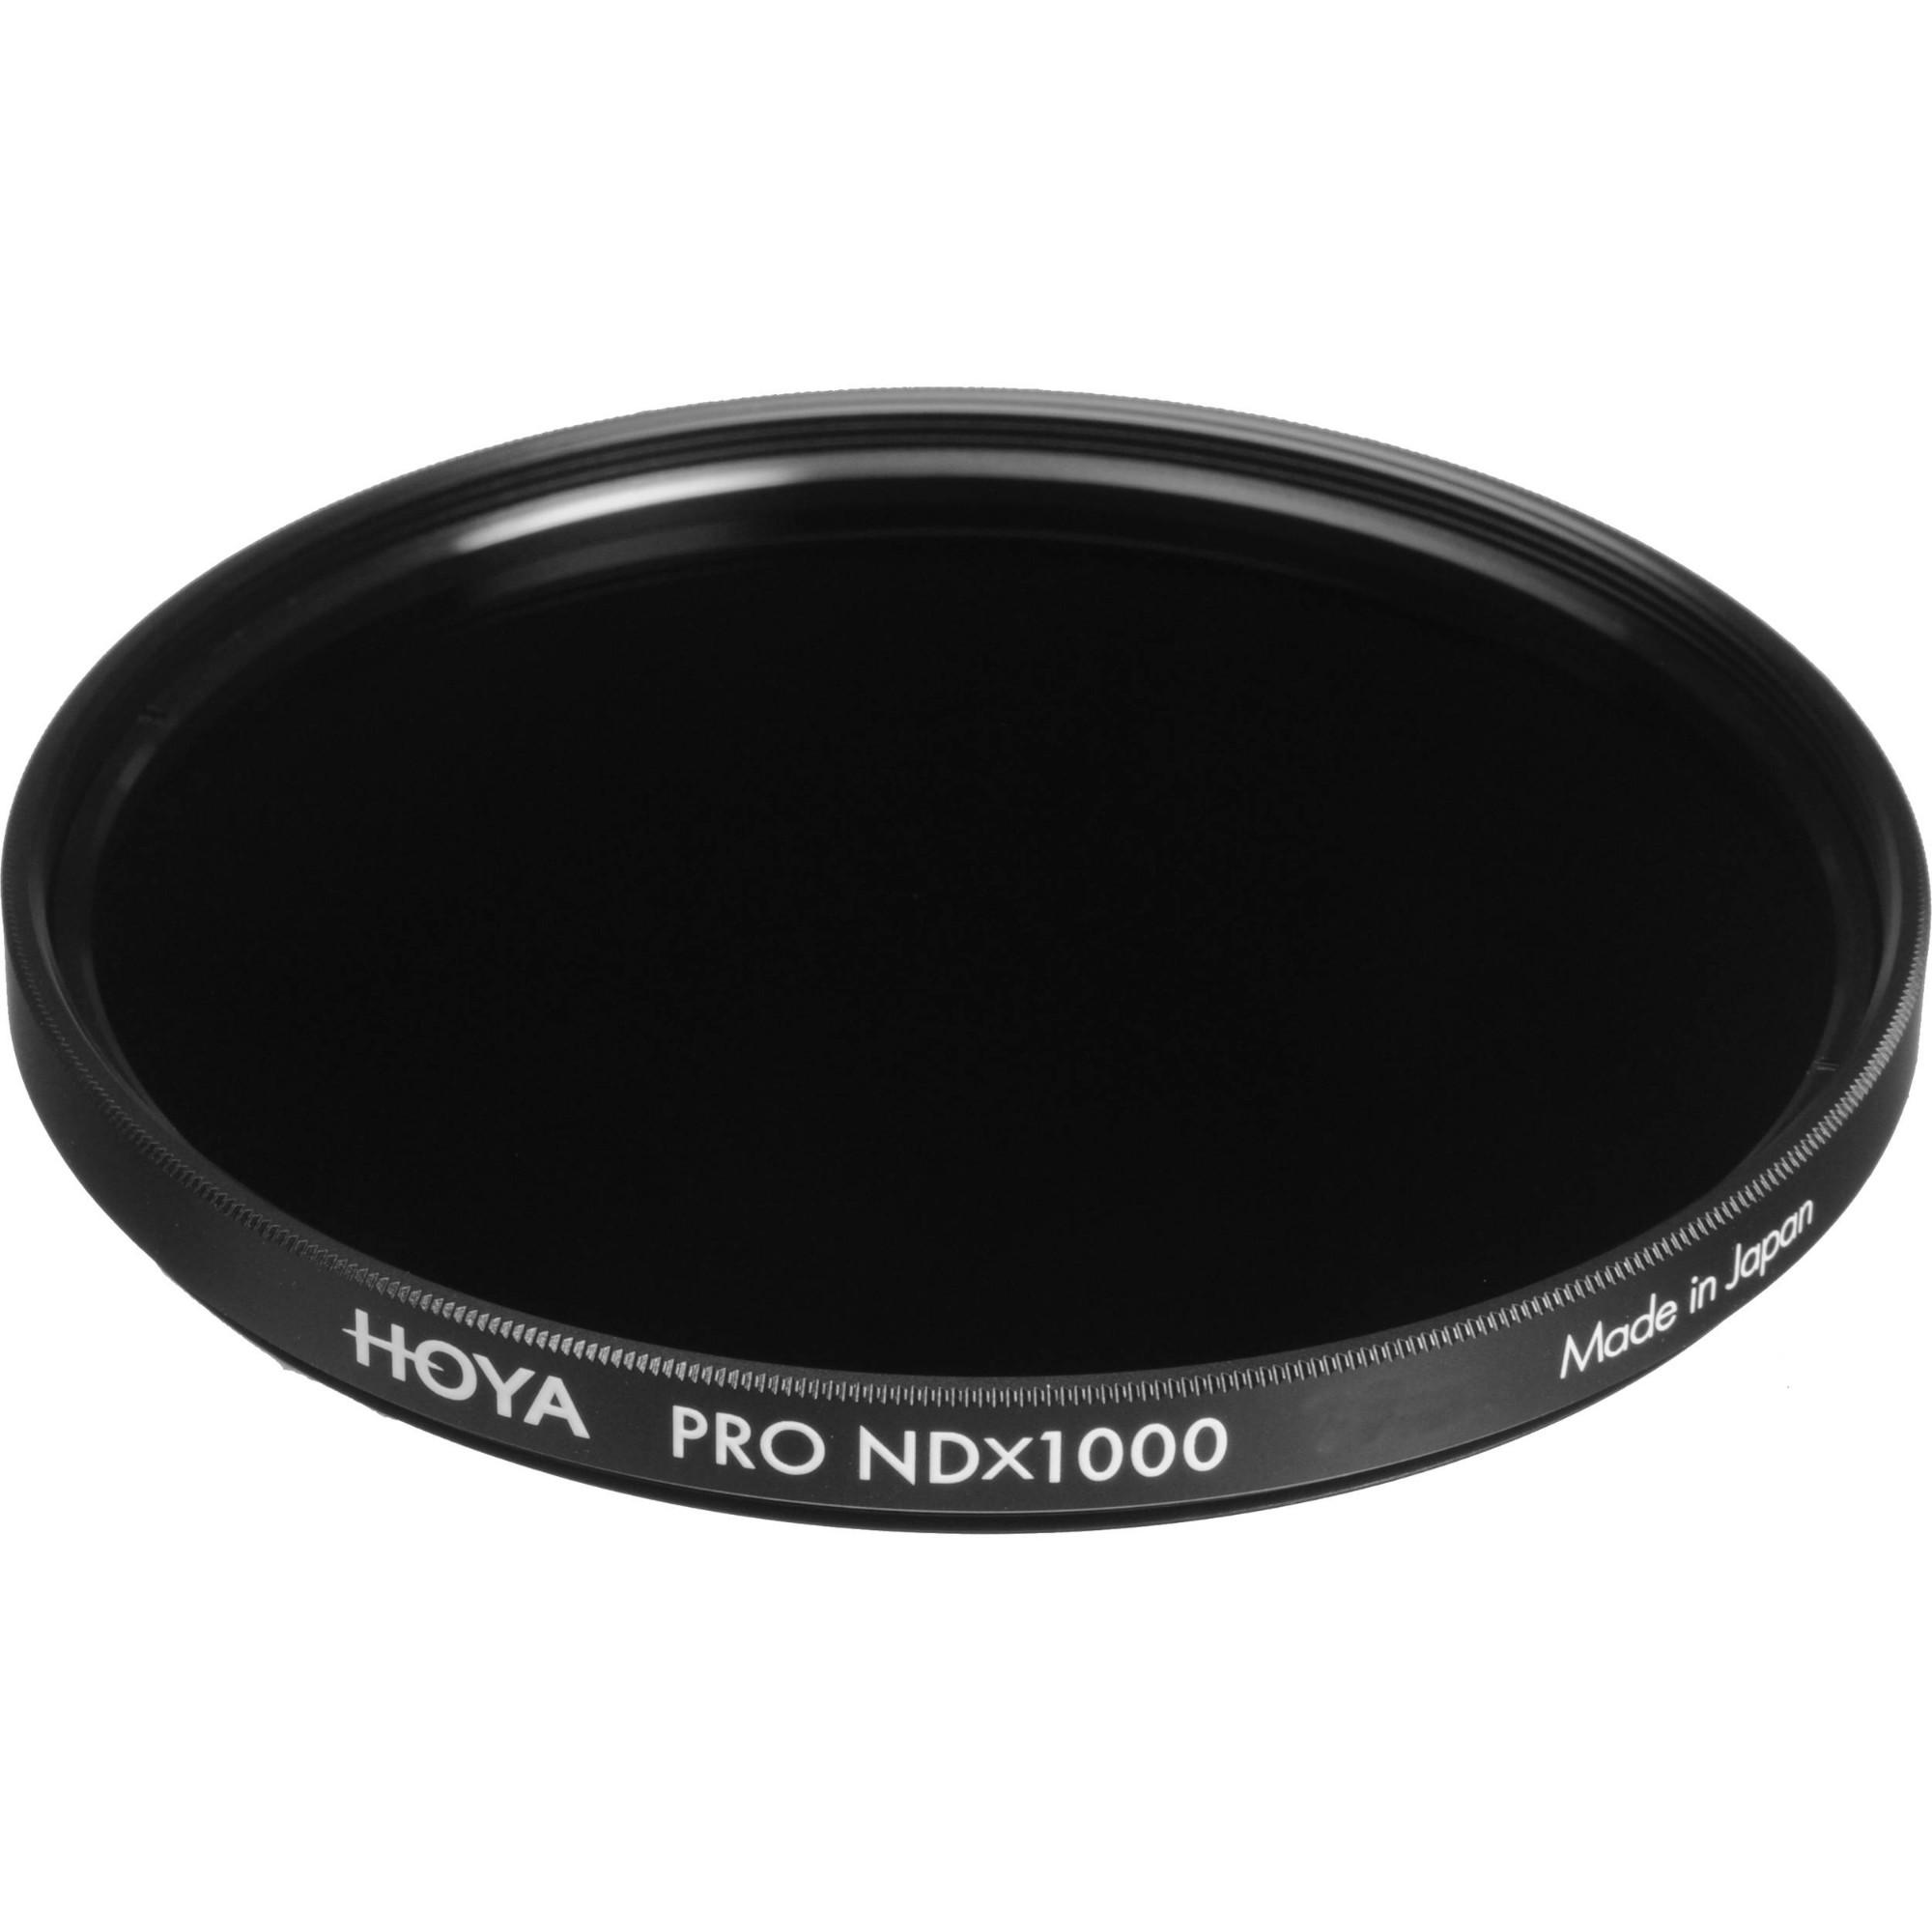 Hoya PROND1000 6.7 cm Neutral density camera filter